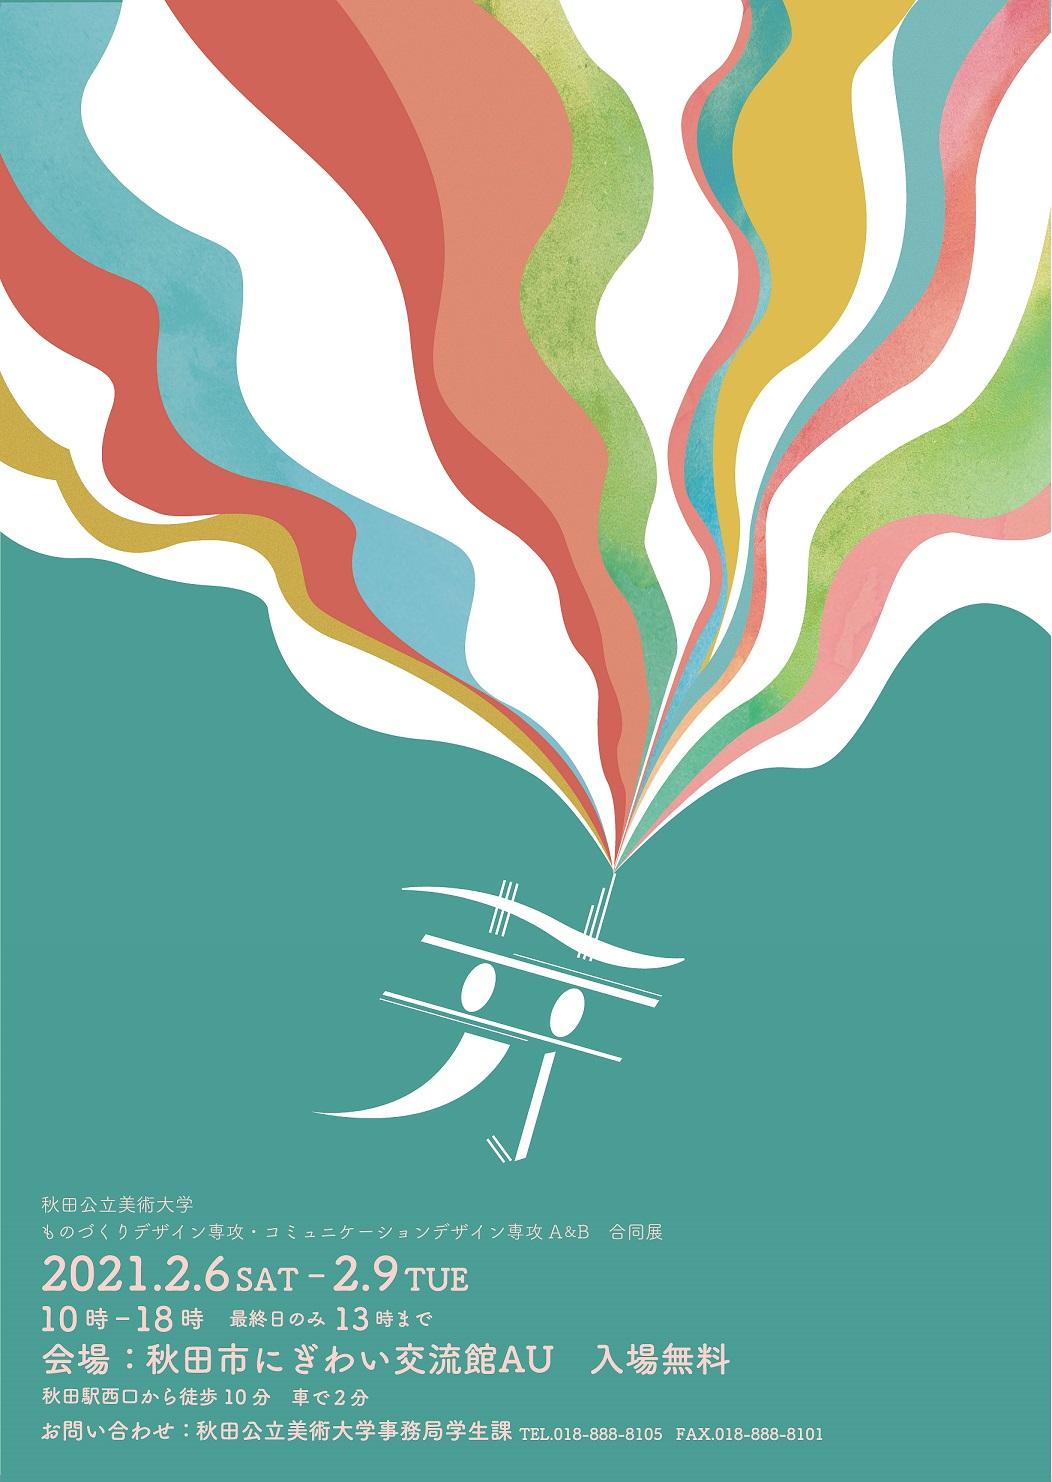 ものづくりデザイン専攻とコミュニケーションデザイン専攻3年生の合同展「芽」を開催(2/6-2/9)